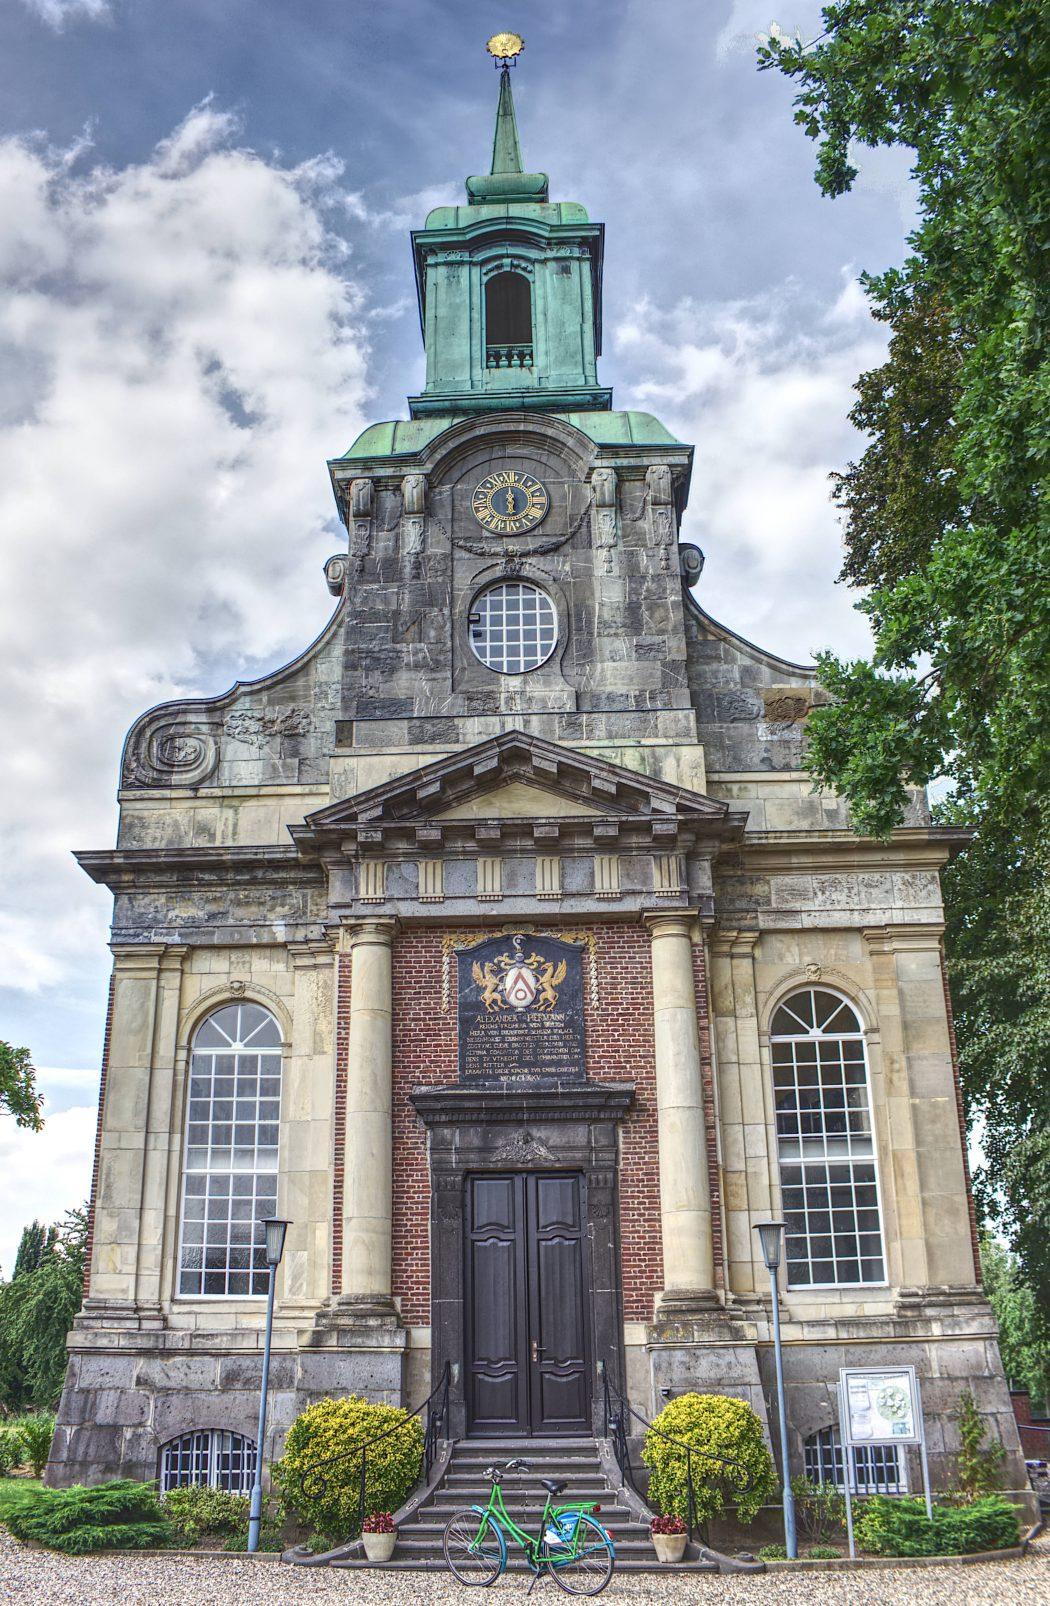 Das Foto zeigt die Schlosskirche des Schloss Diersfordt in Wesel